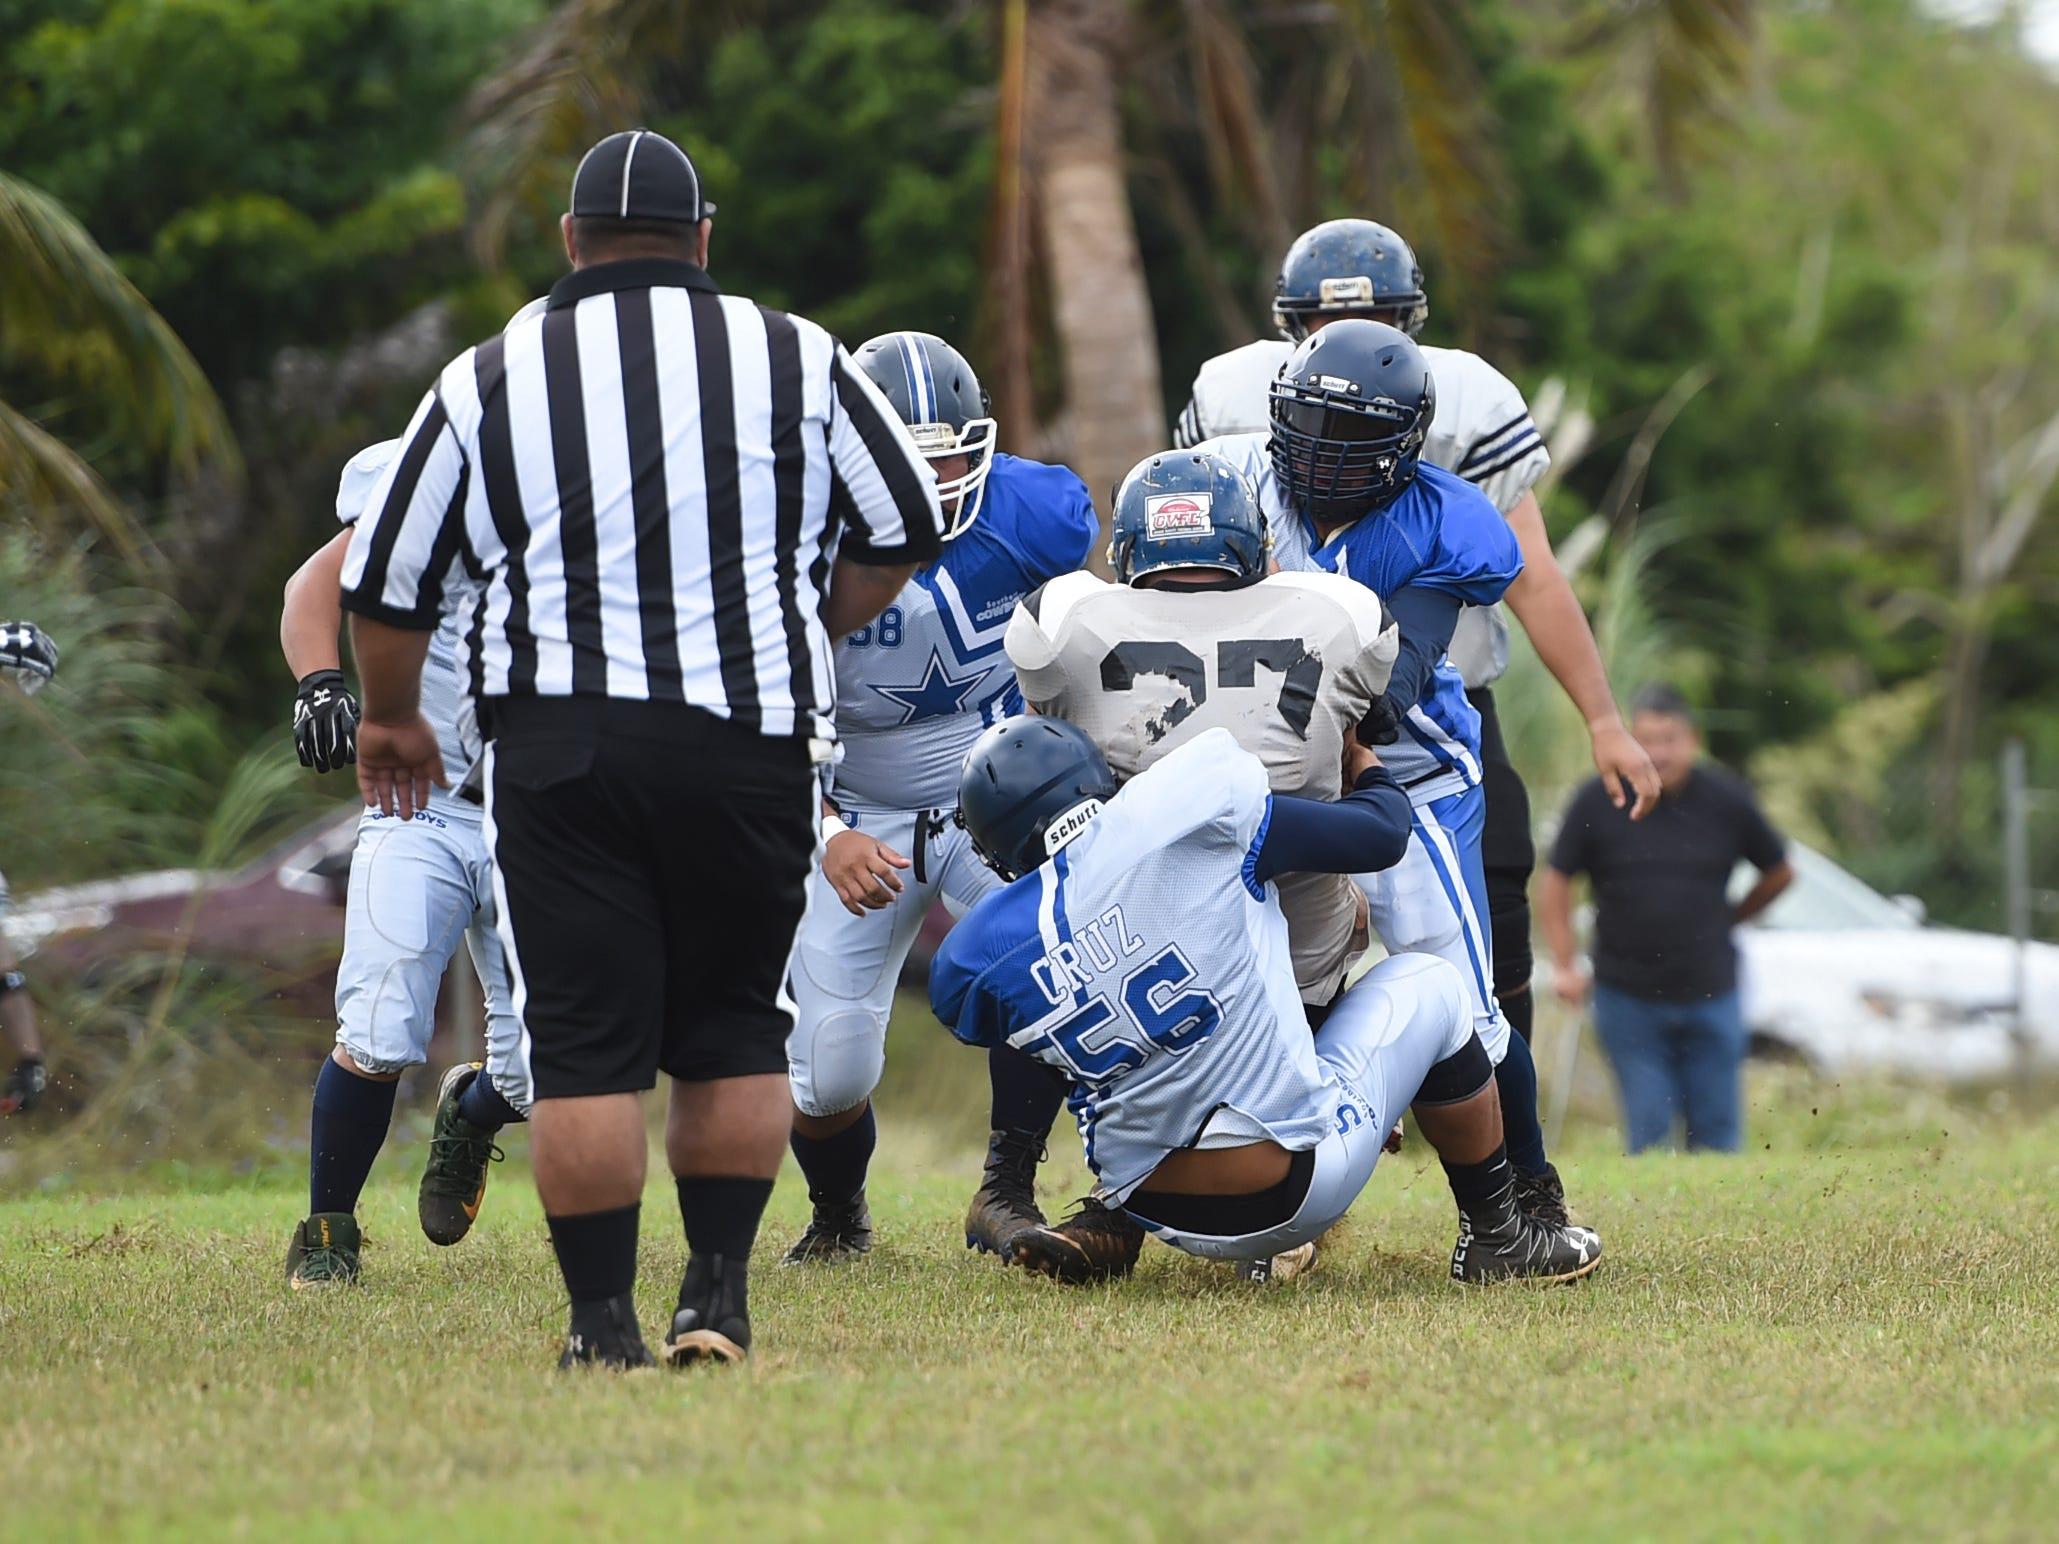 The Cowboys' PJ Cruz (56) gets a tackle against the Guam Raiders during their Budweiser Guahan Varsity Football League game at Eagles Field in Mangilao, Feb. 2, 2019.